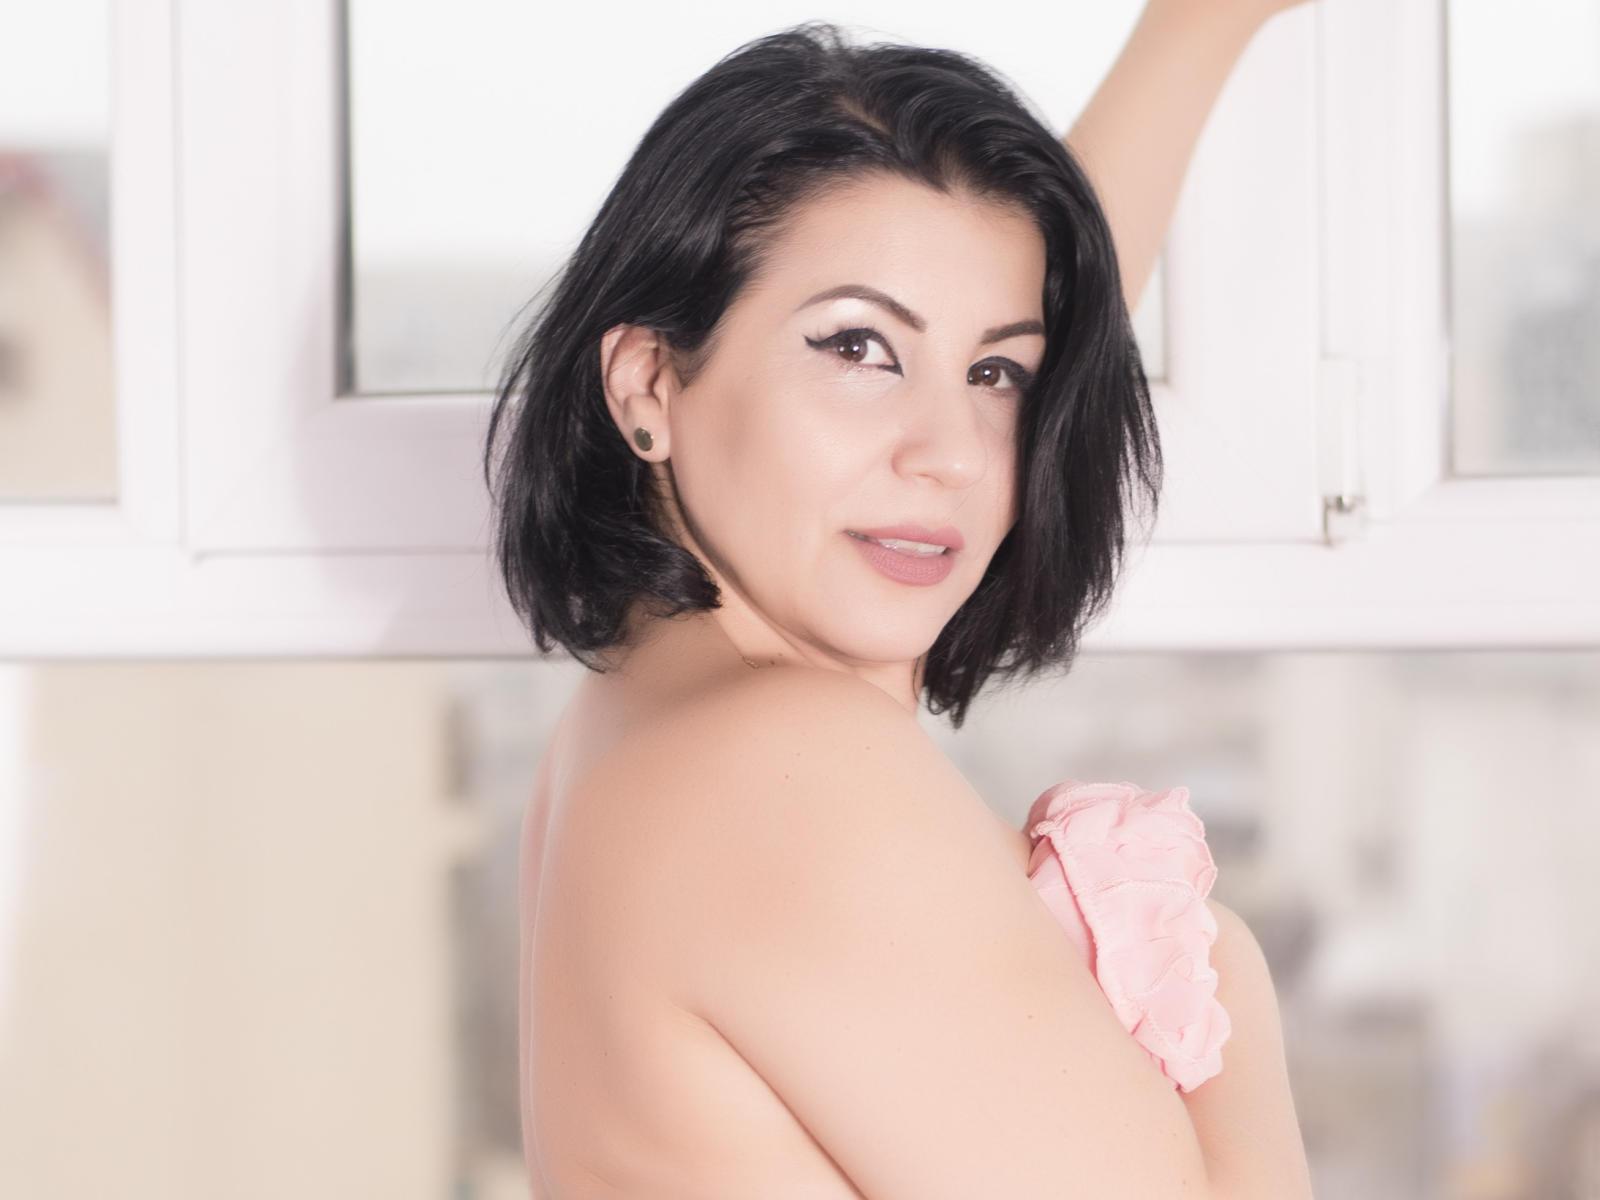 Έξτρα μικρές πορνό φωτογραφίες εφήβων